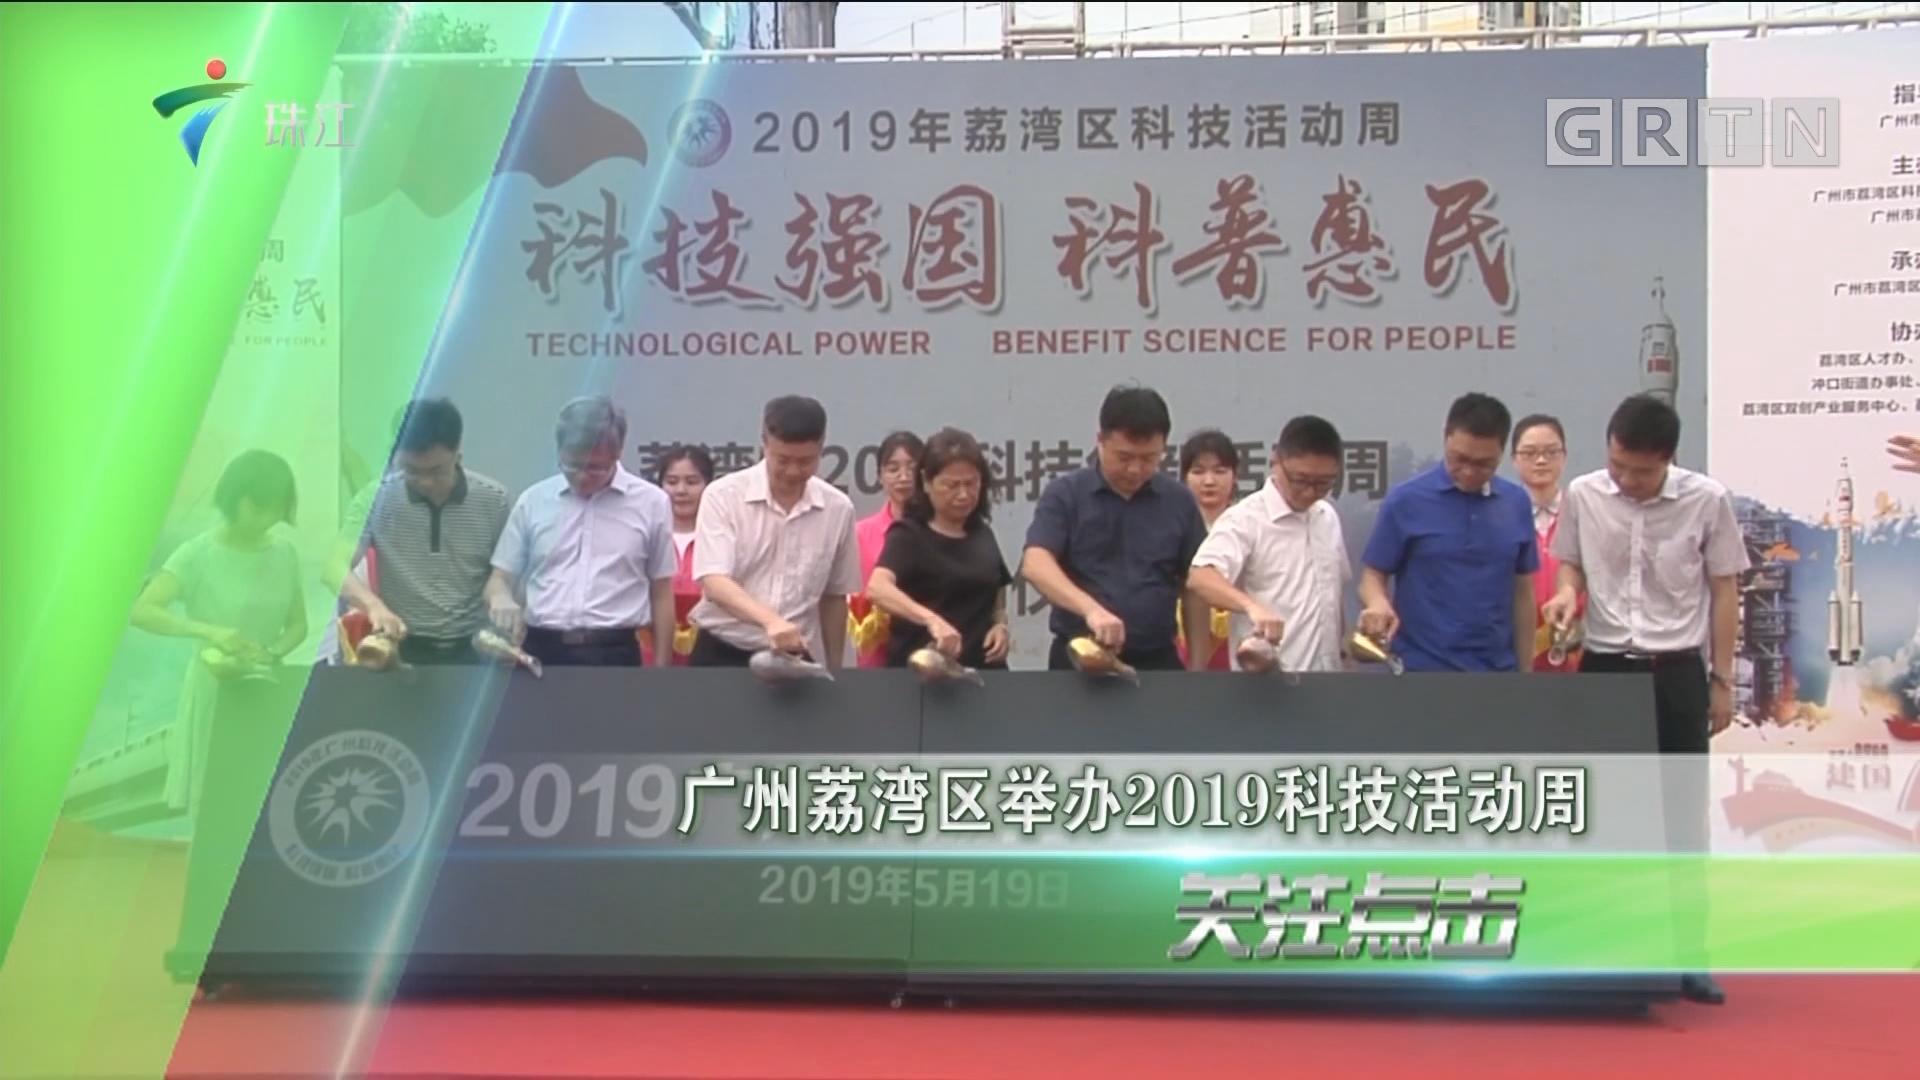 广州荔湾区举办2019科技活动周